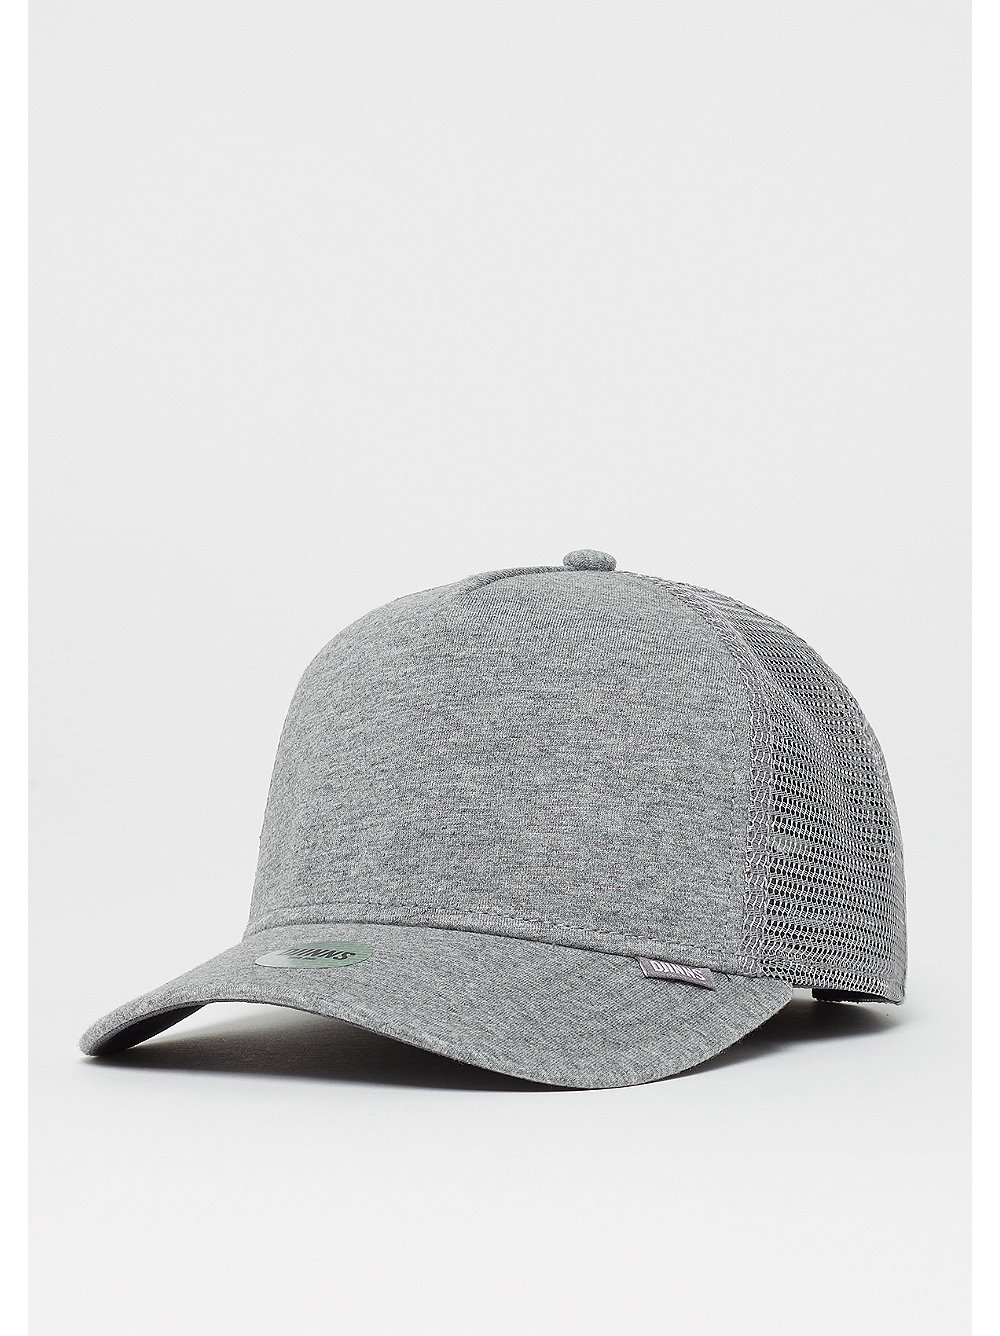 HFT Cut & Sew heather grey